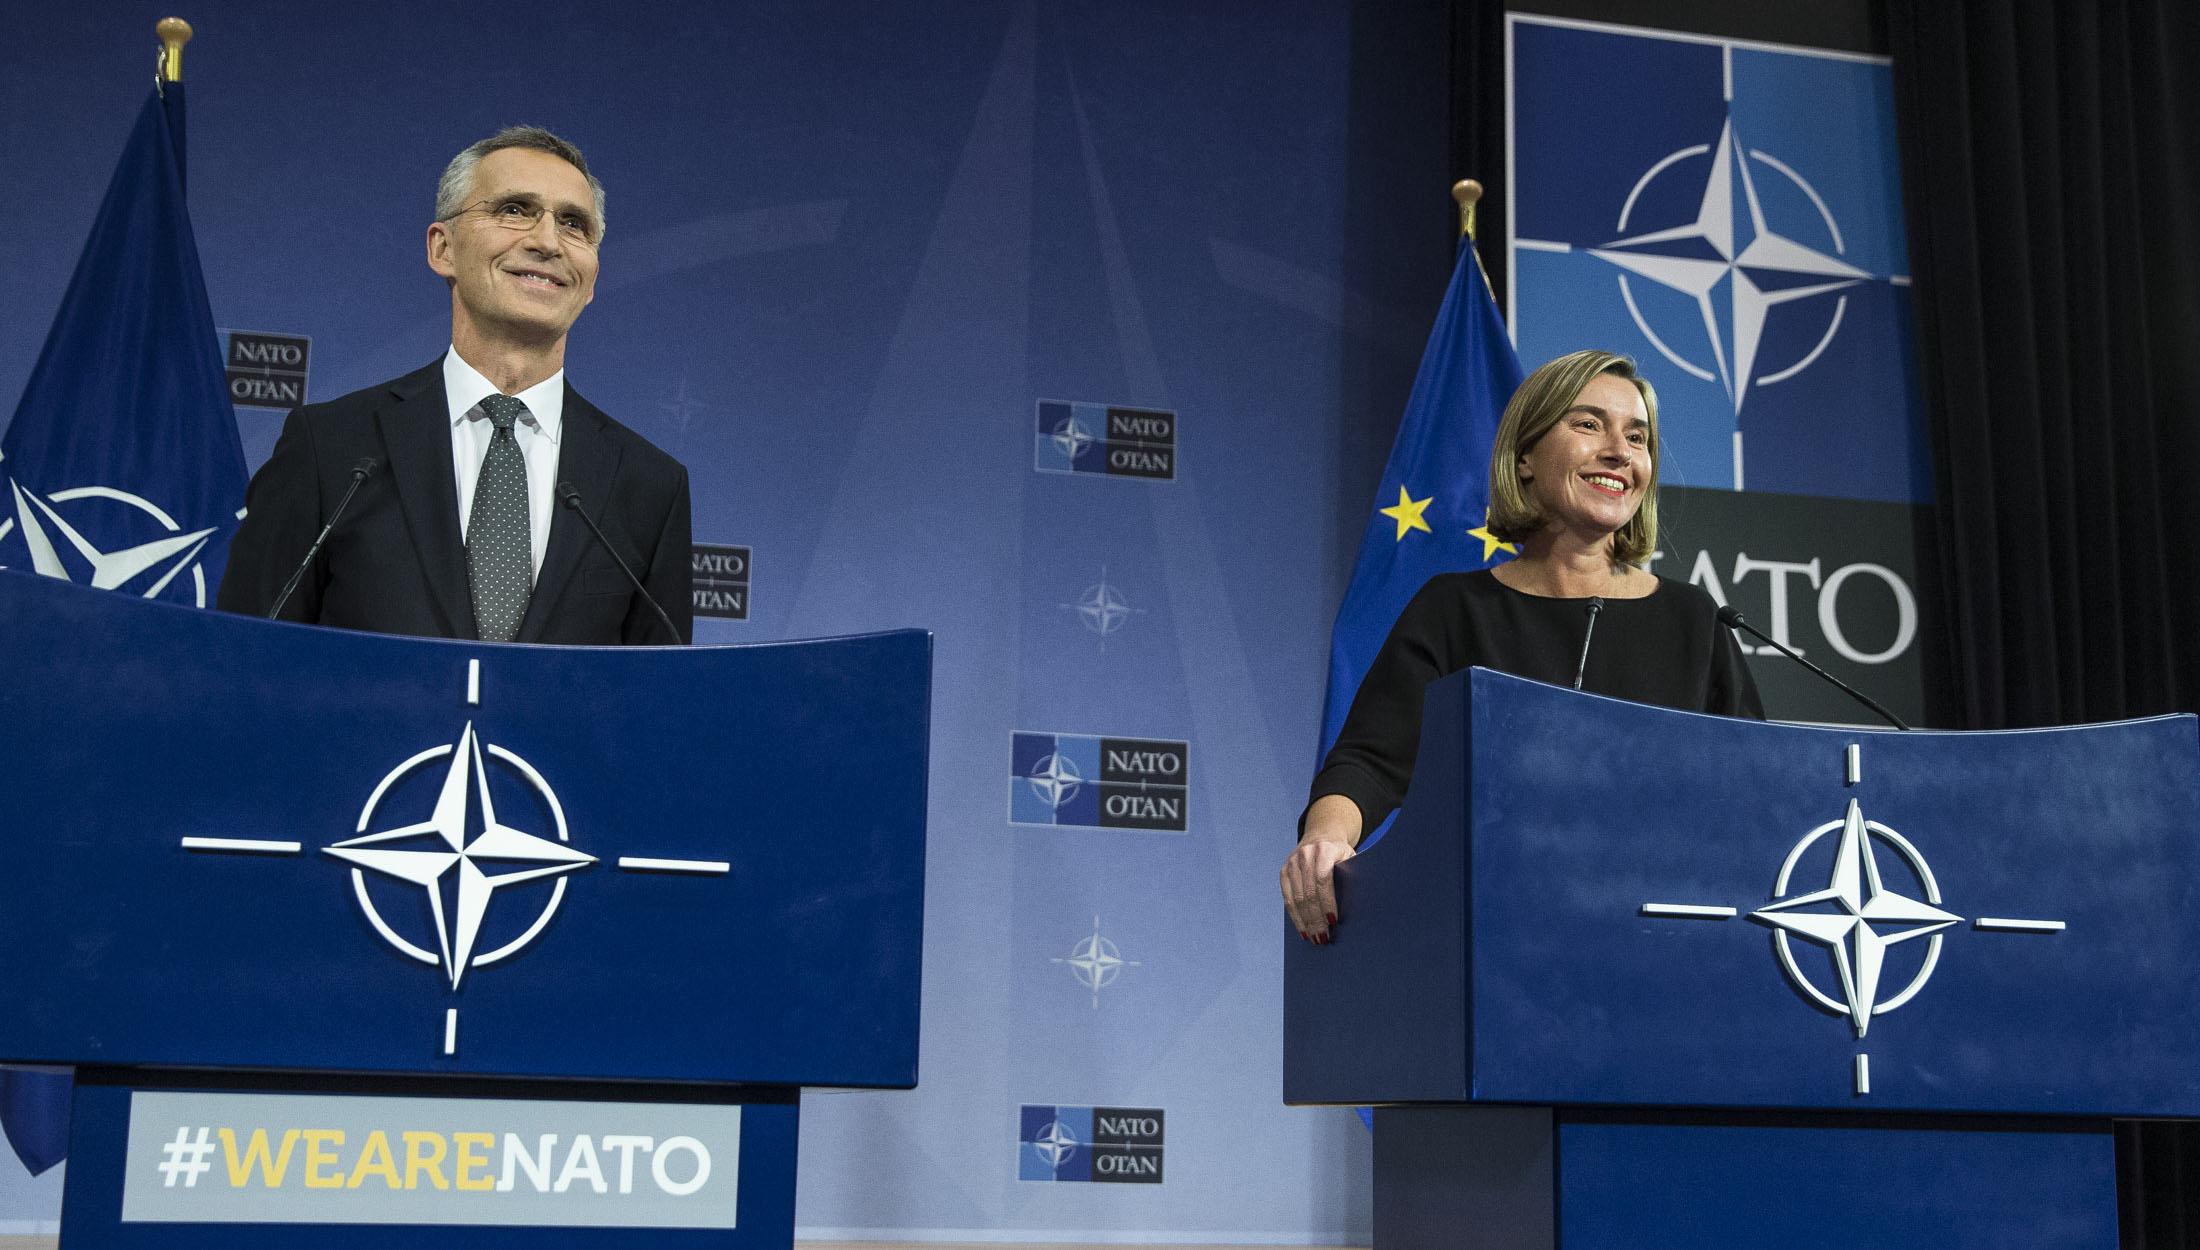 Столкнувшись с общими вызовами на восточном и южном направлении, за последние два года НАТО и Европейский союз значительно усилили сотрудничество. © NATO